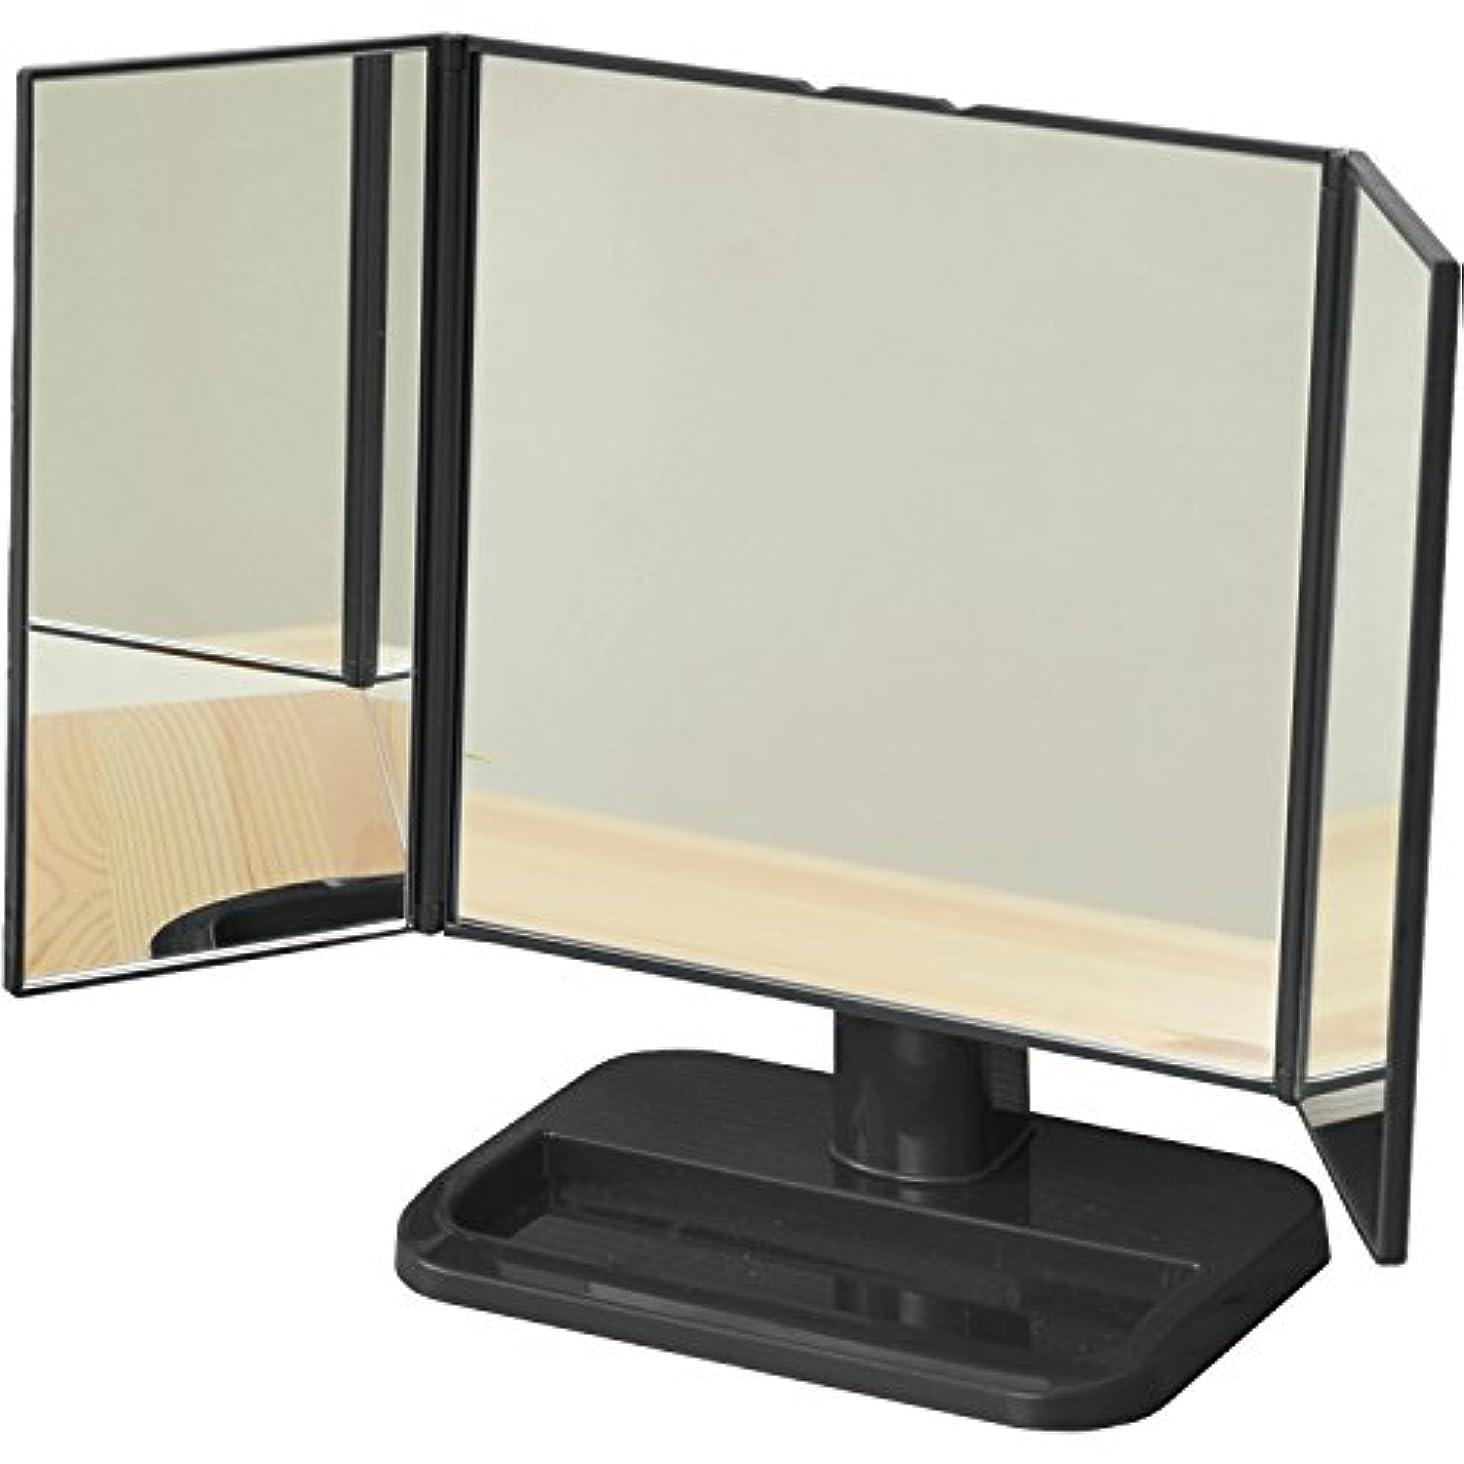 ナイロンピンポイント強化する山善 卓上三面鏡 ブラック PM3-4326(BK)